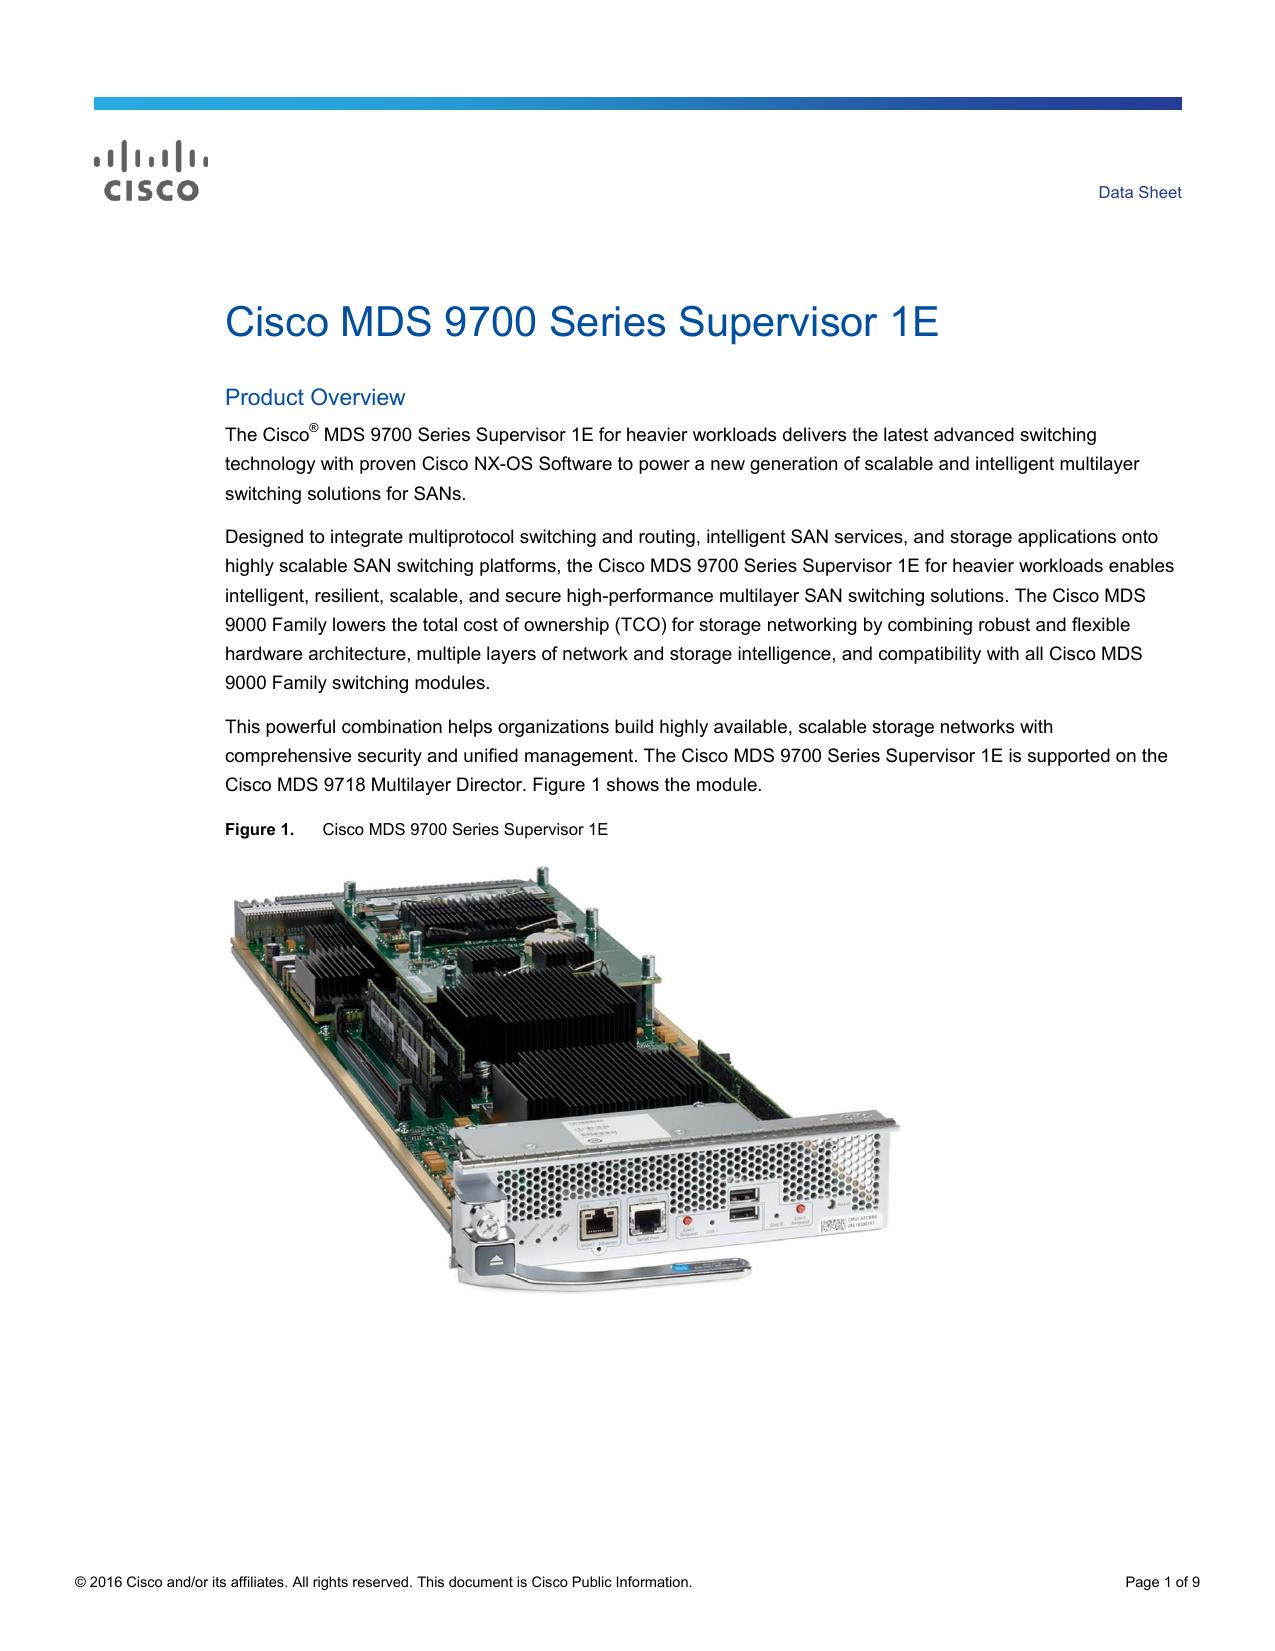 Cisco MDS 9700 Series Supervisor 1E Data Sheet   manualzz com